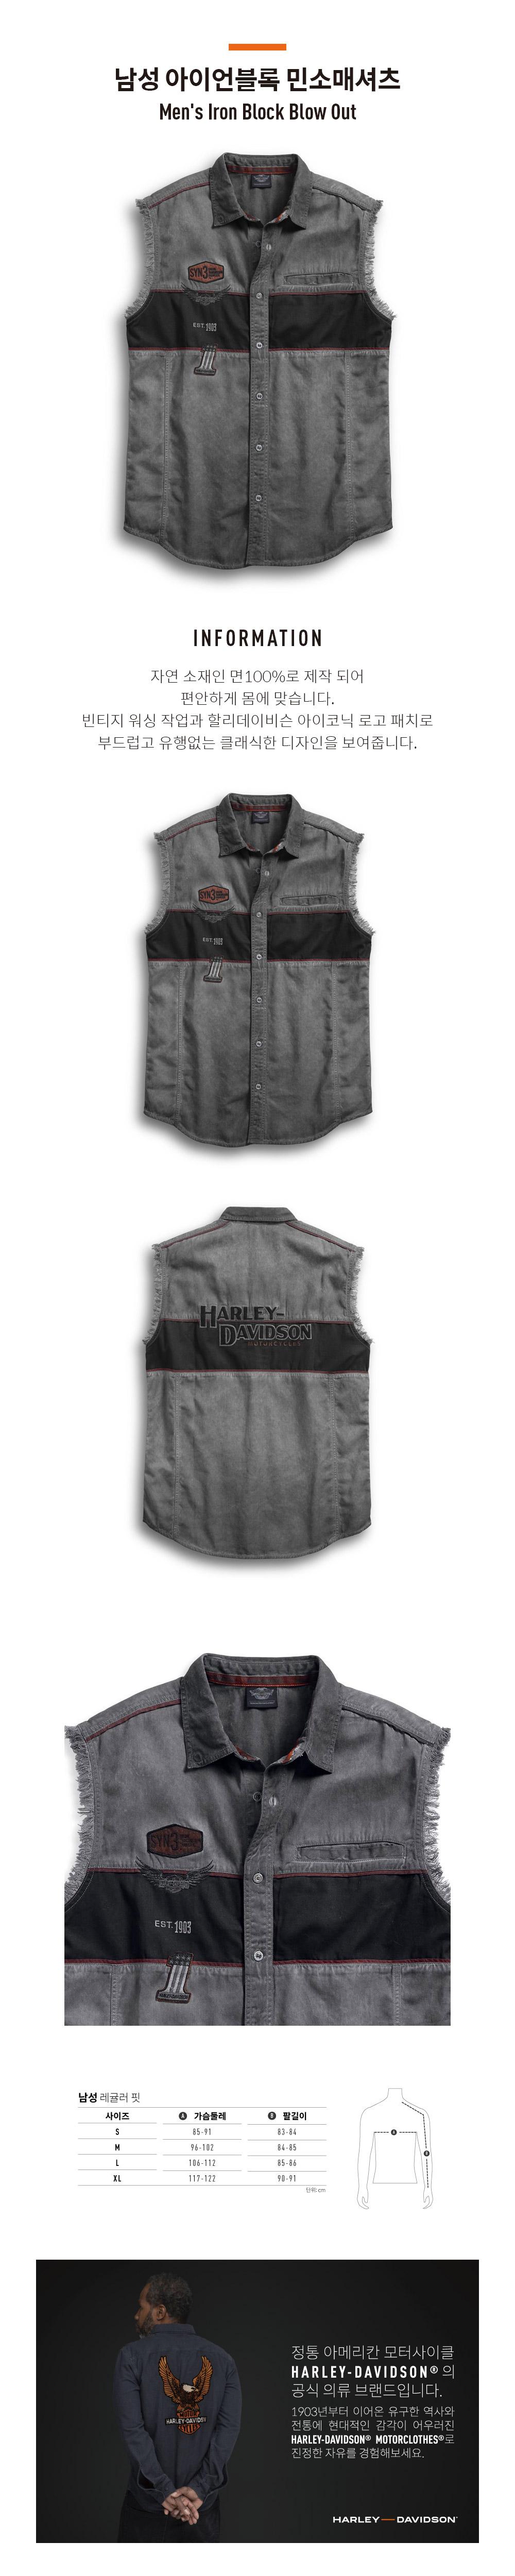 남성 아이언블록 민소매셔츠